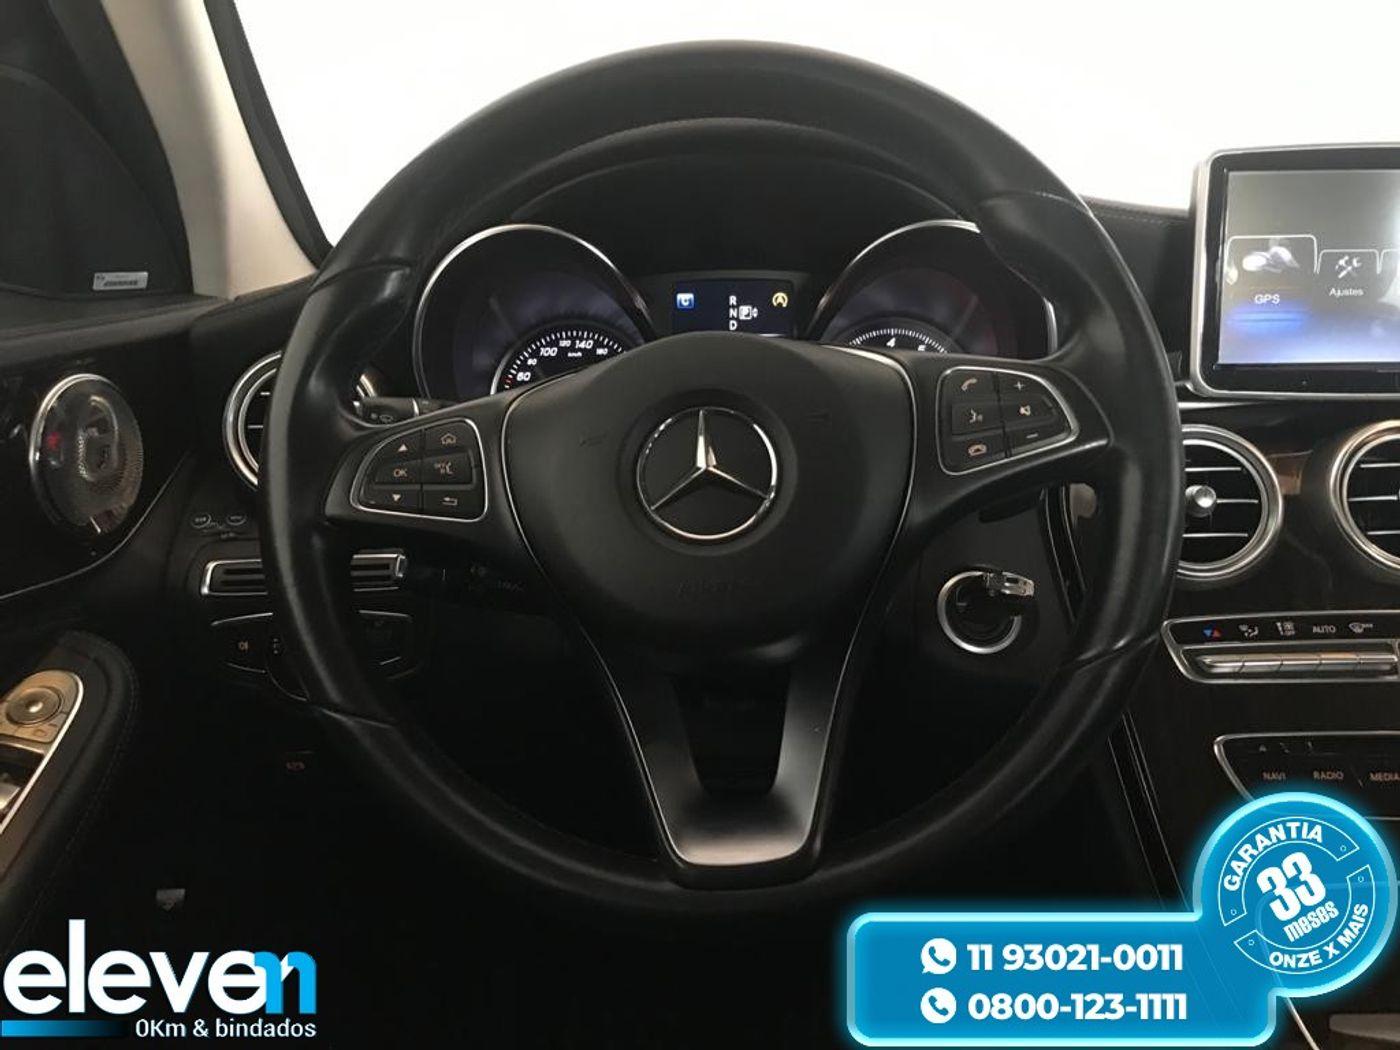 Mercedes C-180 1.6 Turbo 16V/Flex 16V Aut.